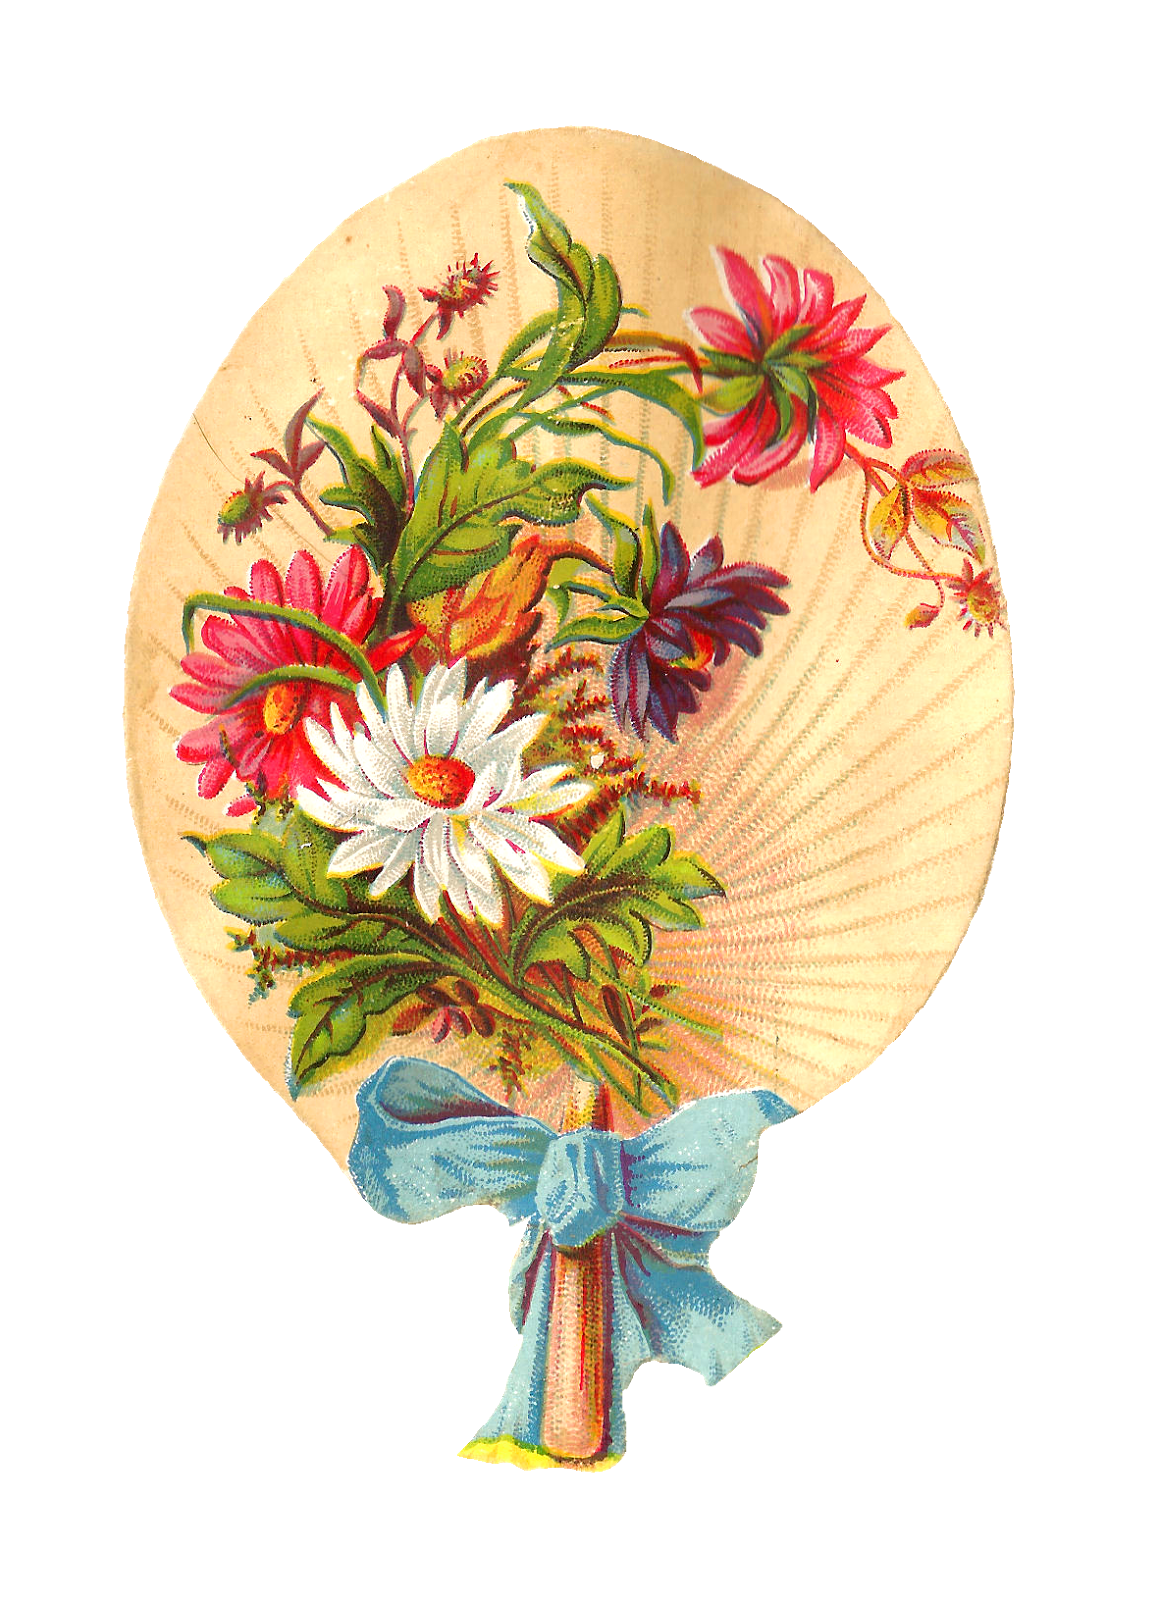 http://2.bp.blogspot.com/-PLGoCTAQ6HE/Ur2sQE0POgI/AAAAAAAASZU/KcpLj7D6Ykg/s1600/flower_fan_blue_ribbonpng.png